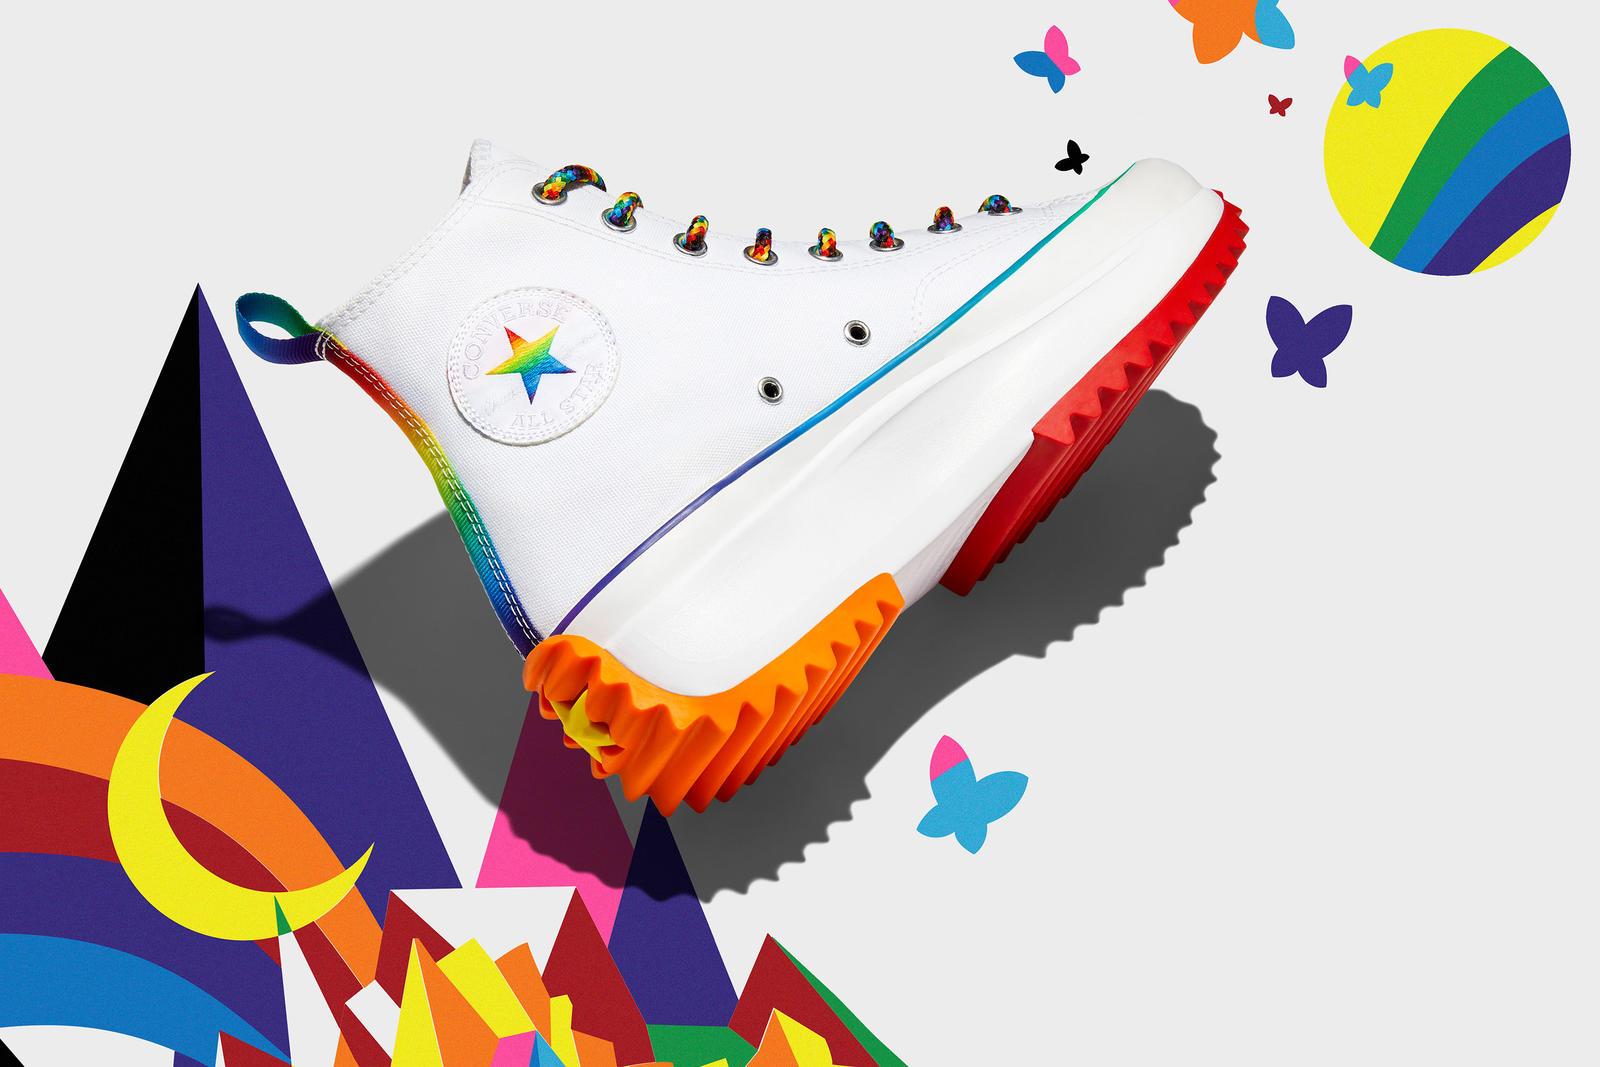 ต้อนรับเดือนแห่งความภาคภูมิใจด้วยคอลเลกชันรองเท้าและเสื้อผ้าหลากสีสันจาก Converse